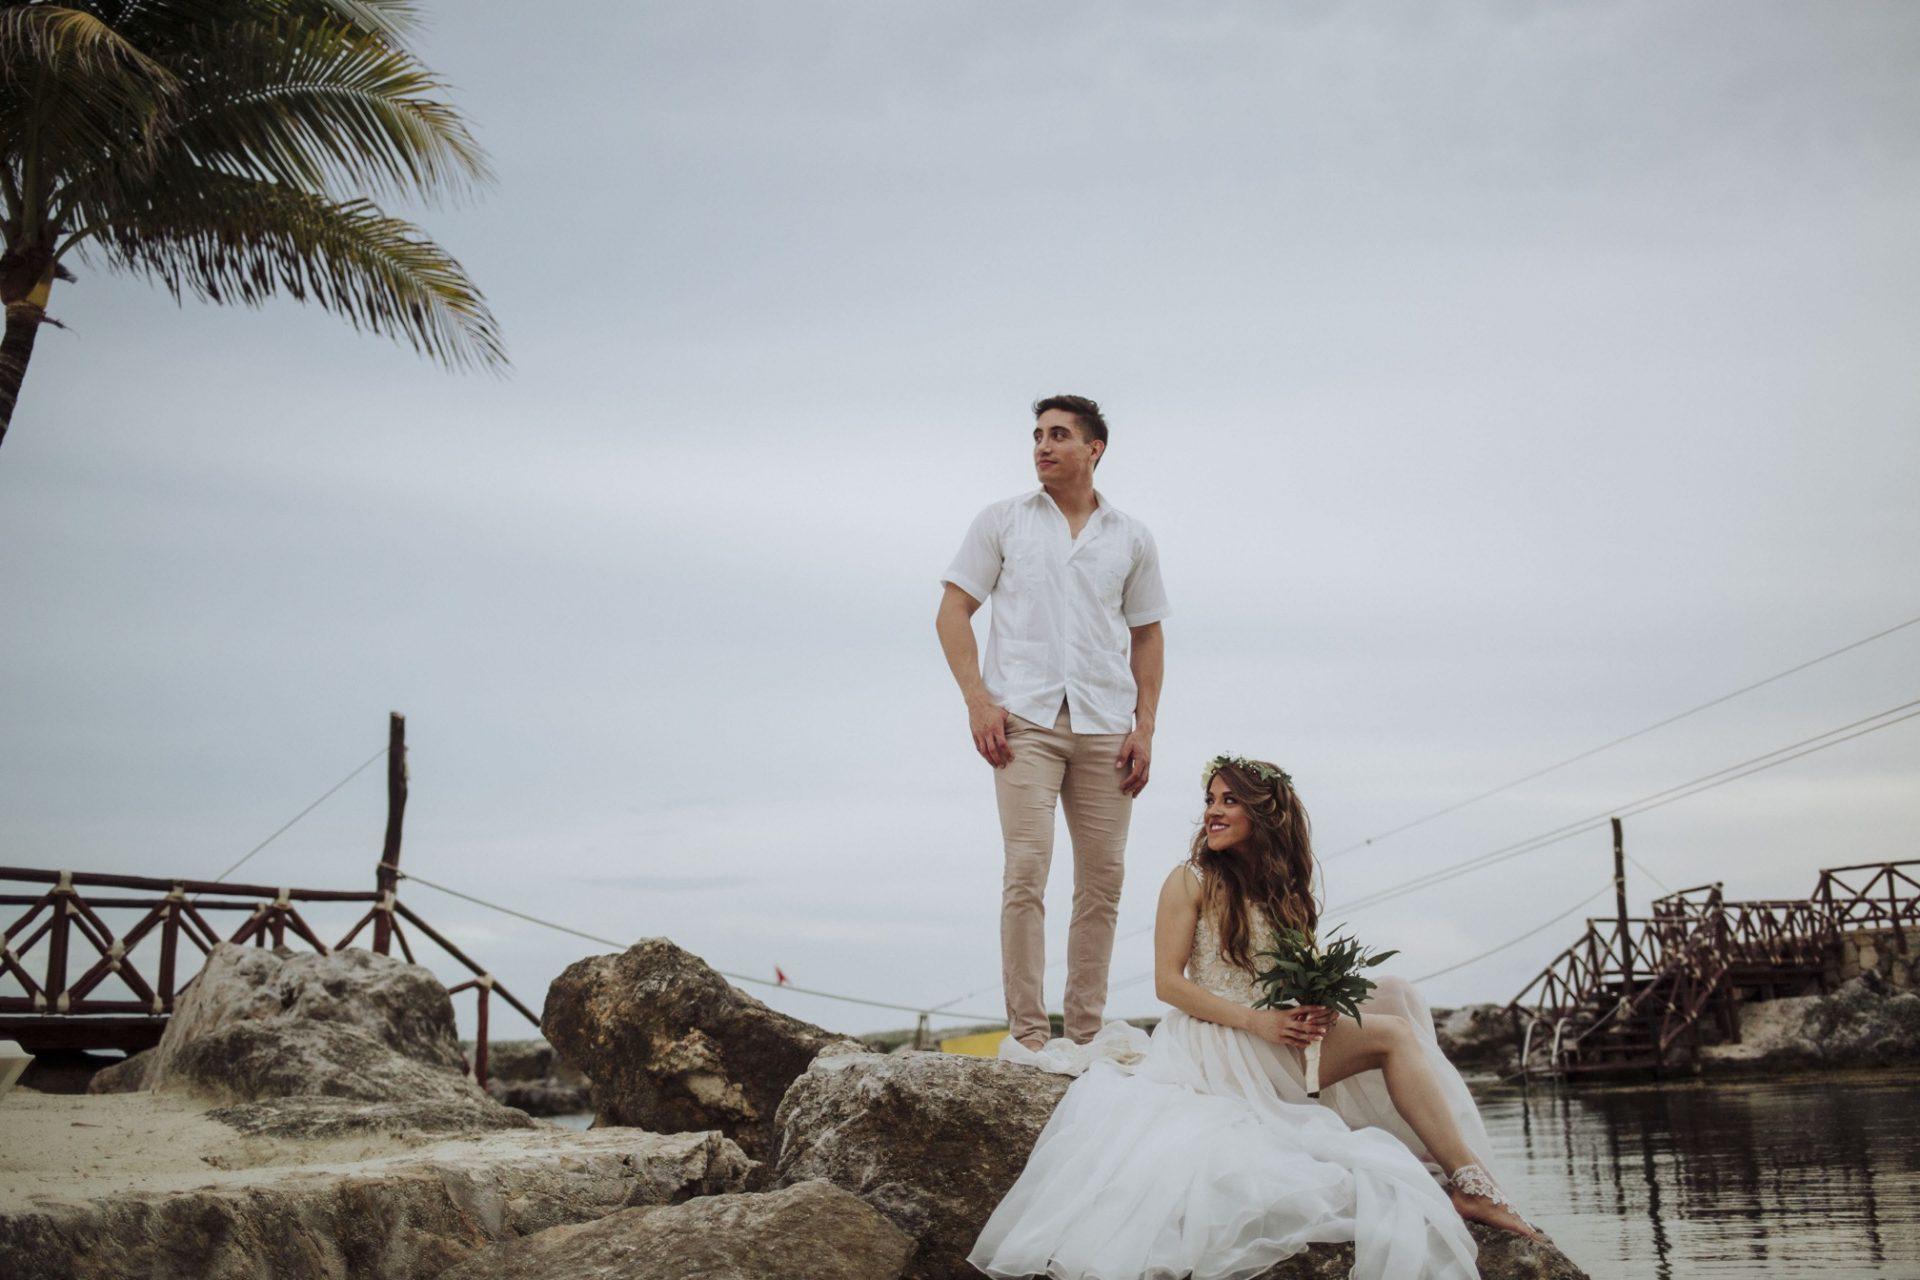 fotografo_bodas_profesional_zacatecas_riviera_maya_cancun-123